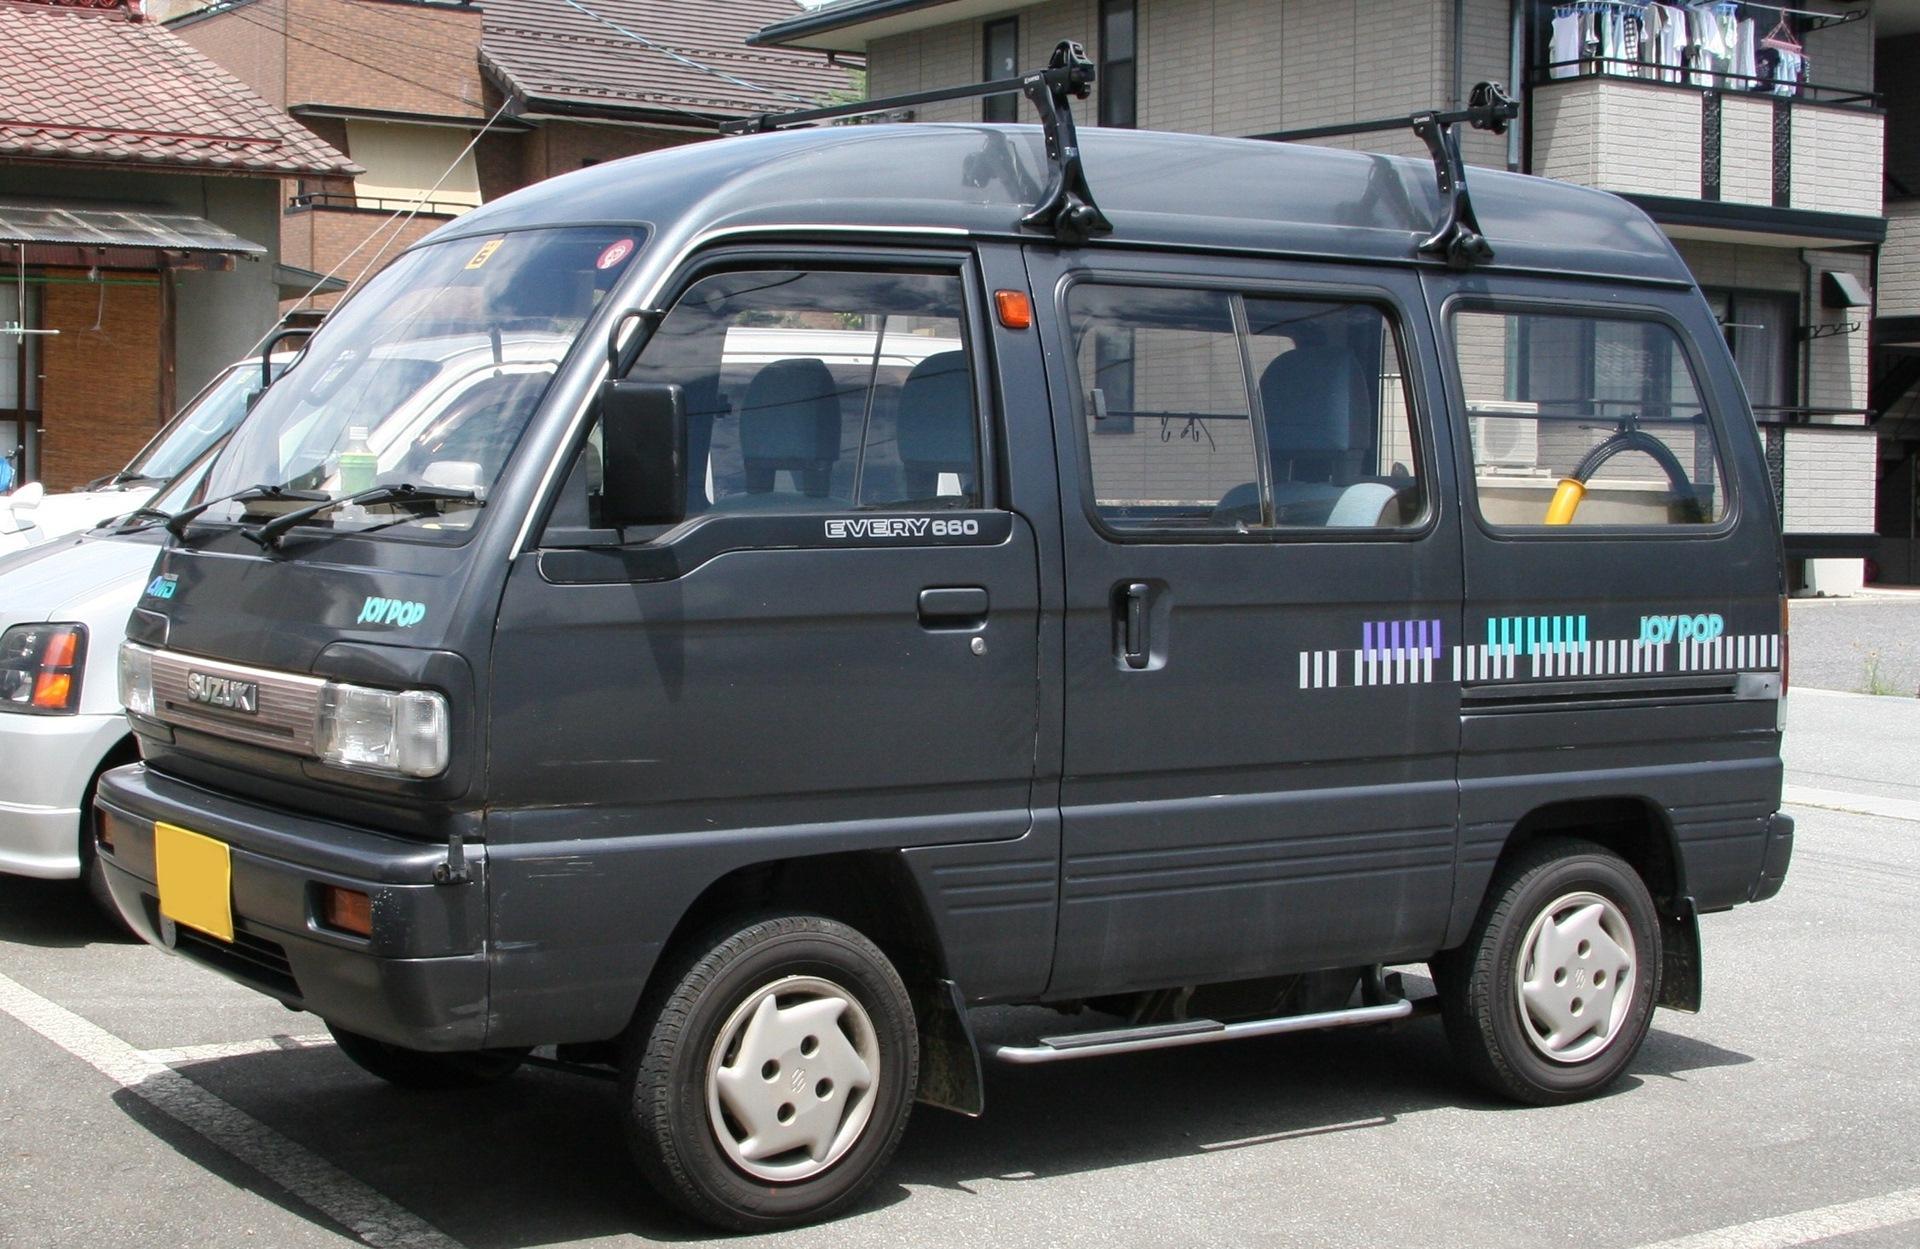 более, фотографии и названия японских микроавтобусов зависимости того, куда